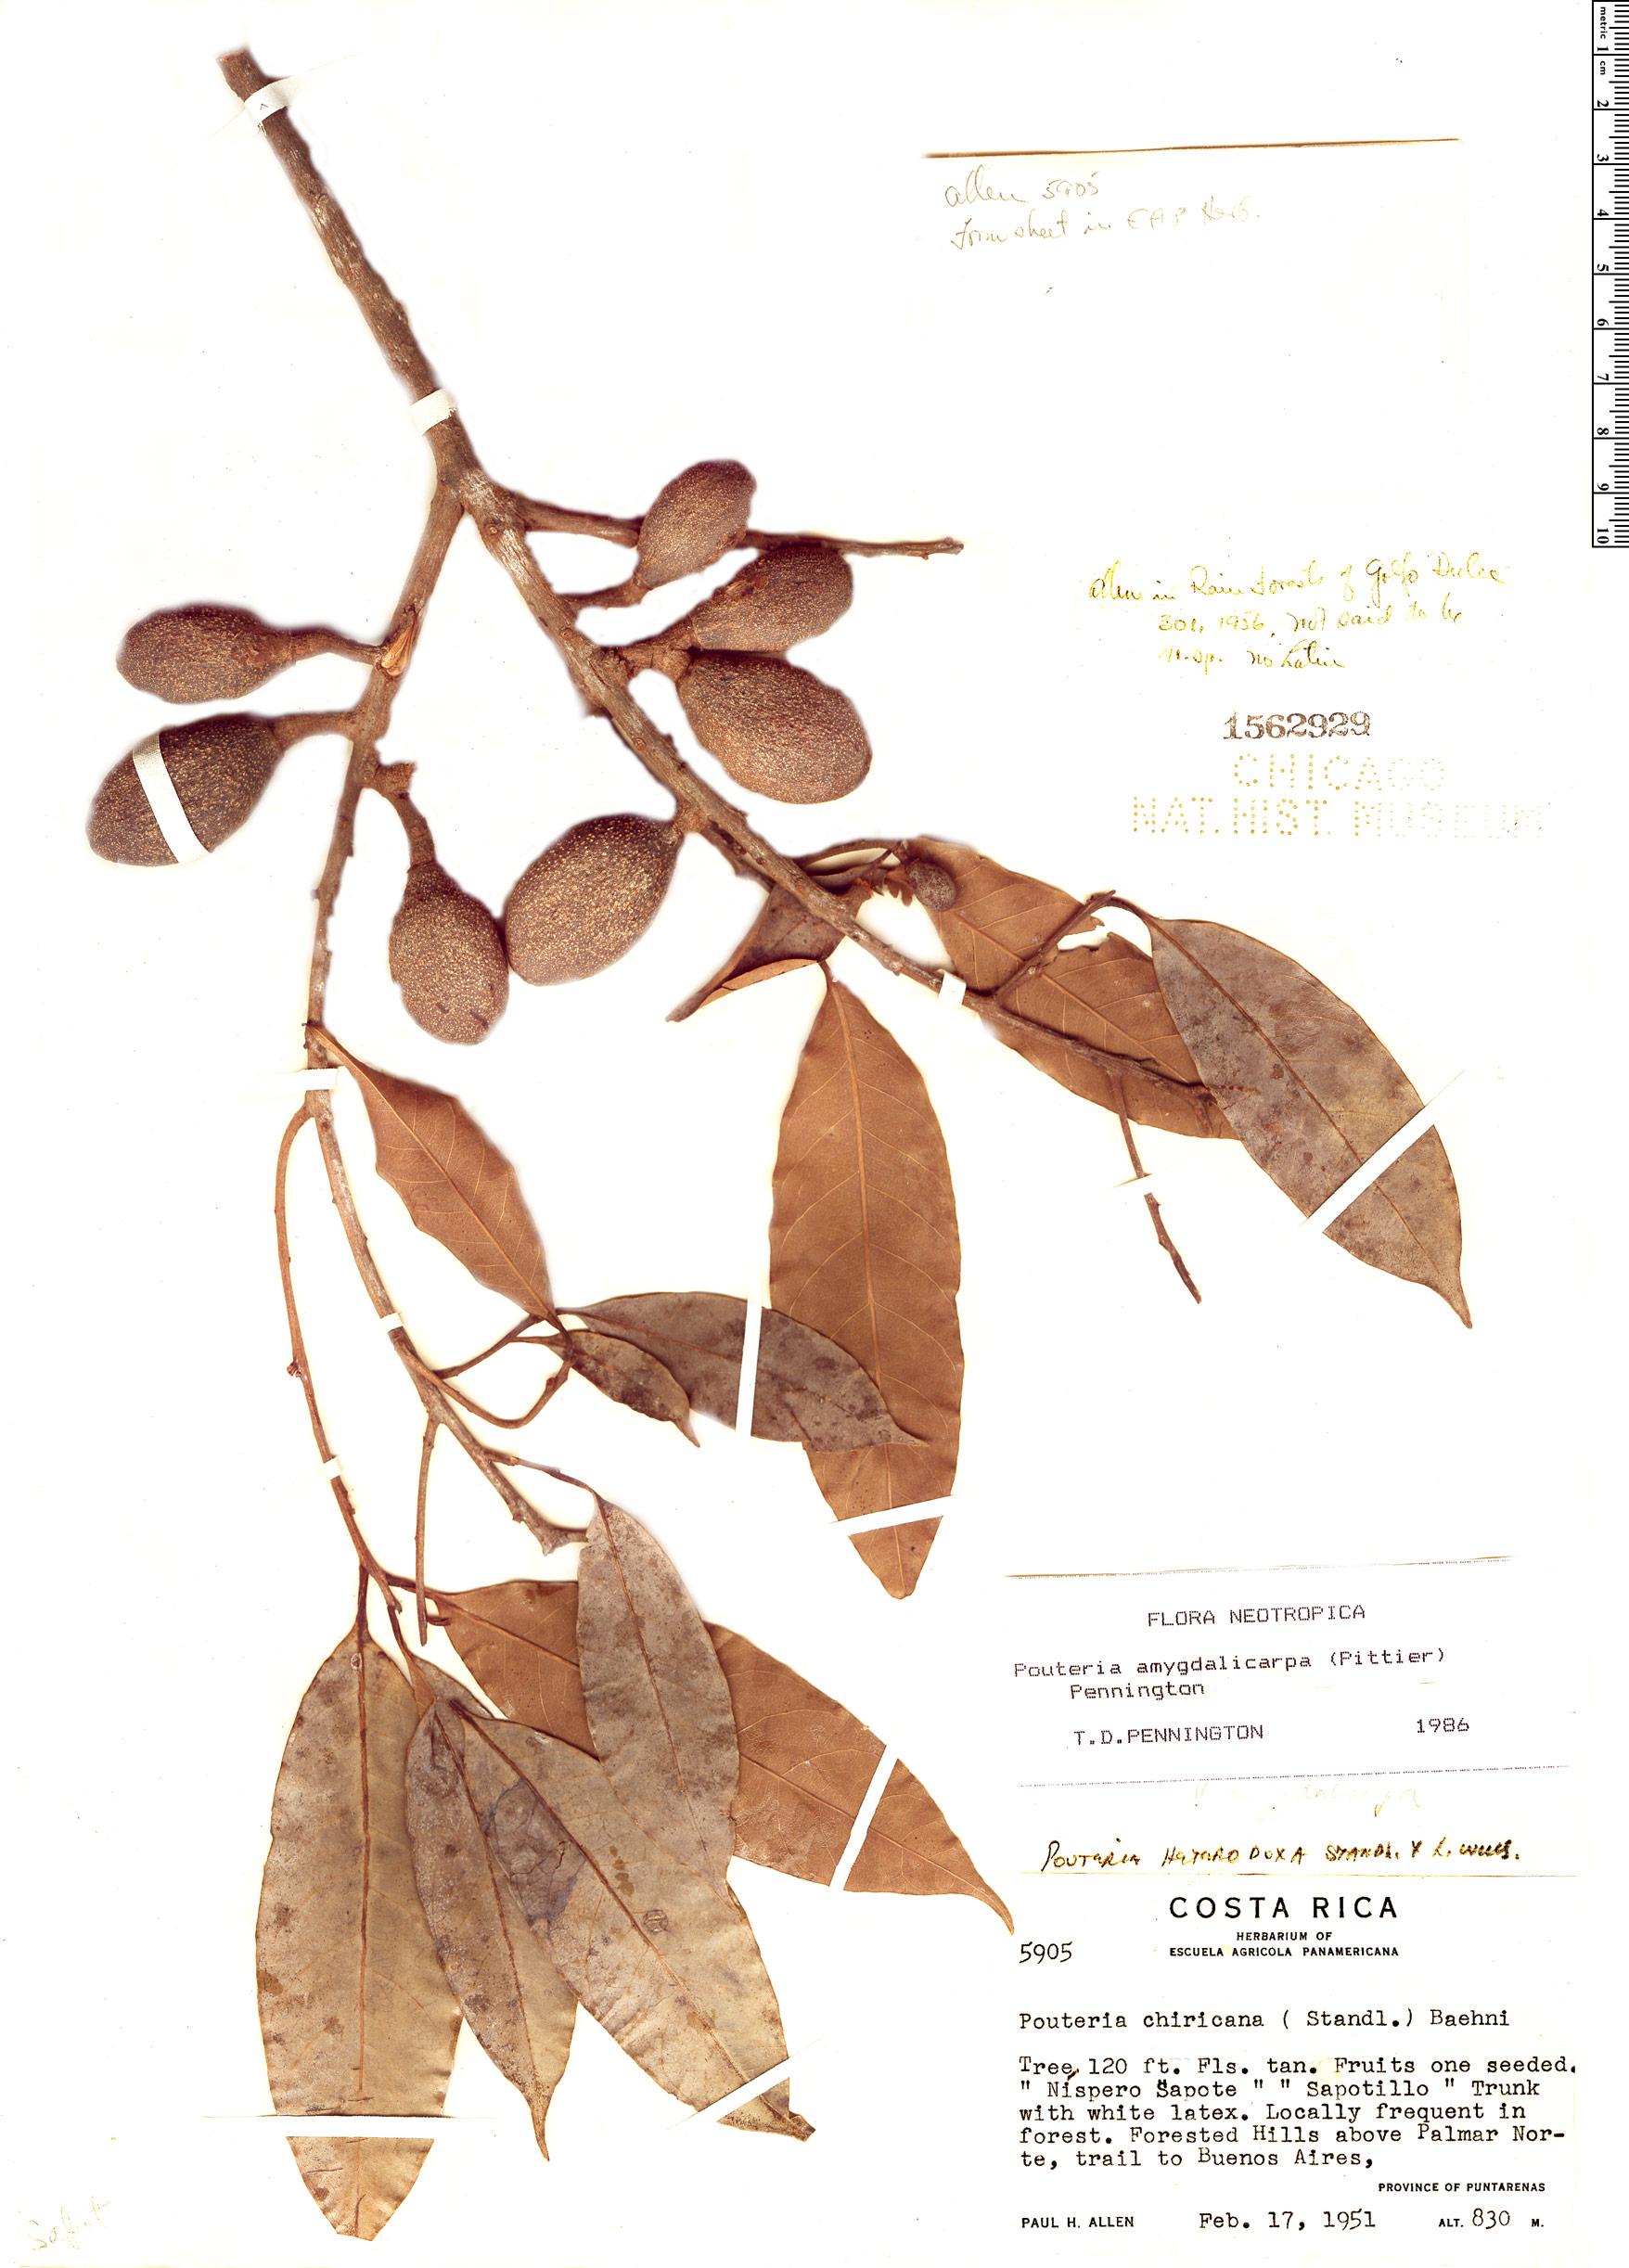 Specimen: Pouteria amygdalicarpa